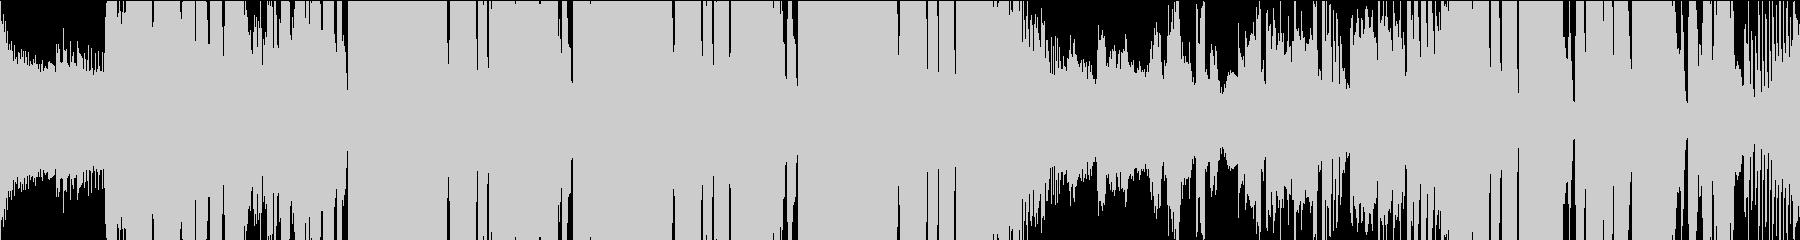 ファンクなグルーヴのループ音楽の未再生の波形